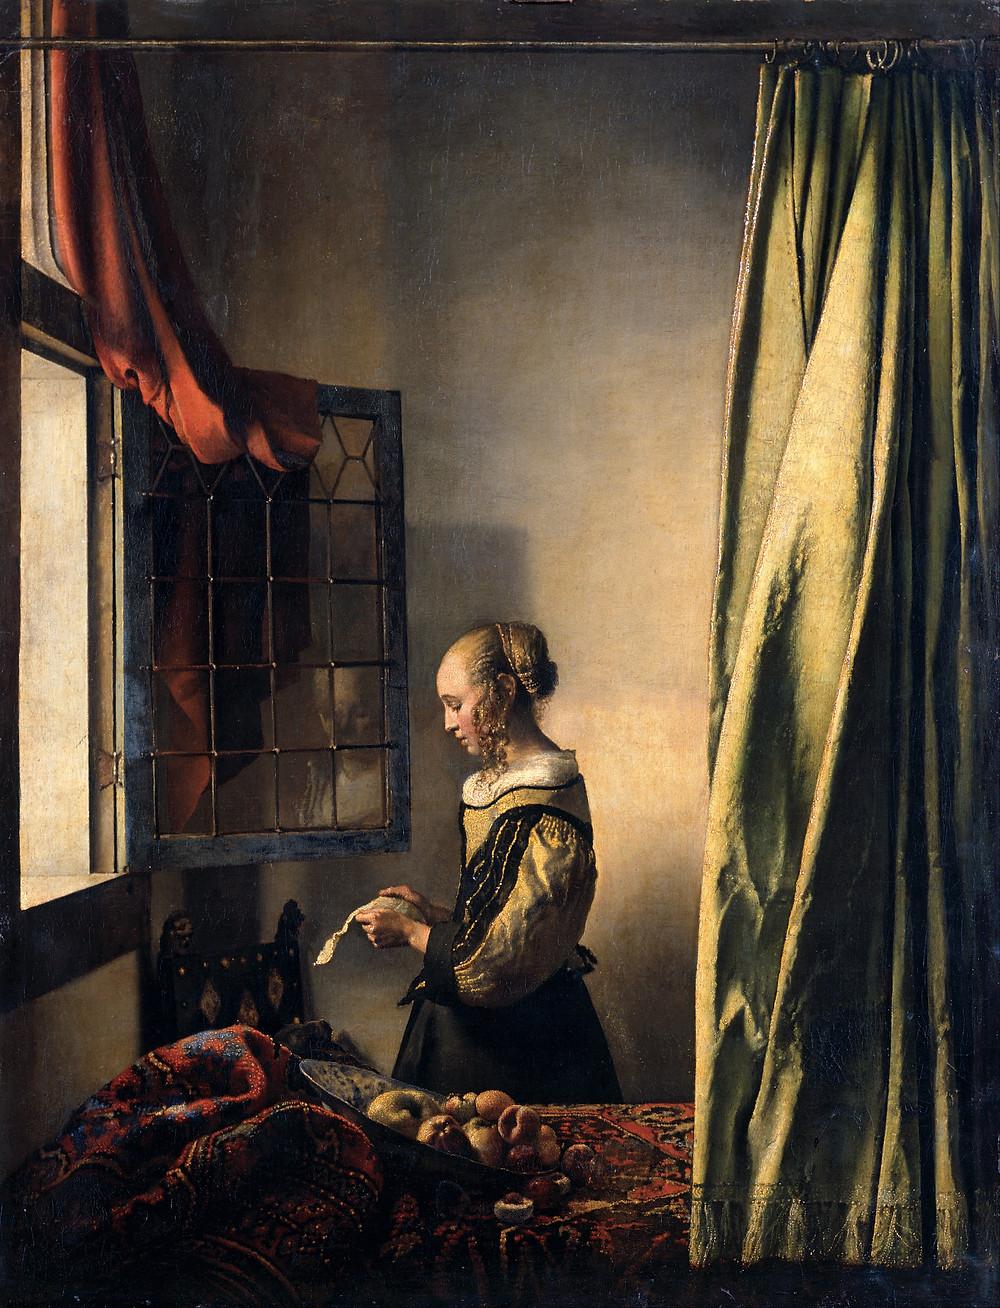 Tableau La Liseuse, Vermeer